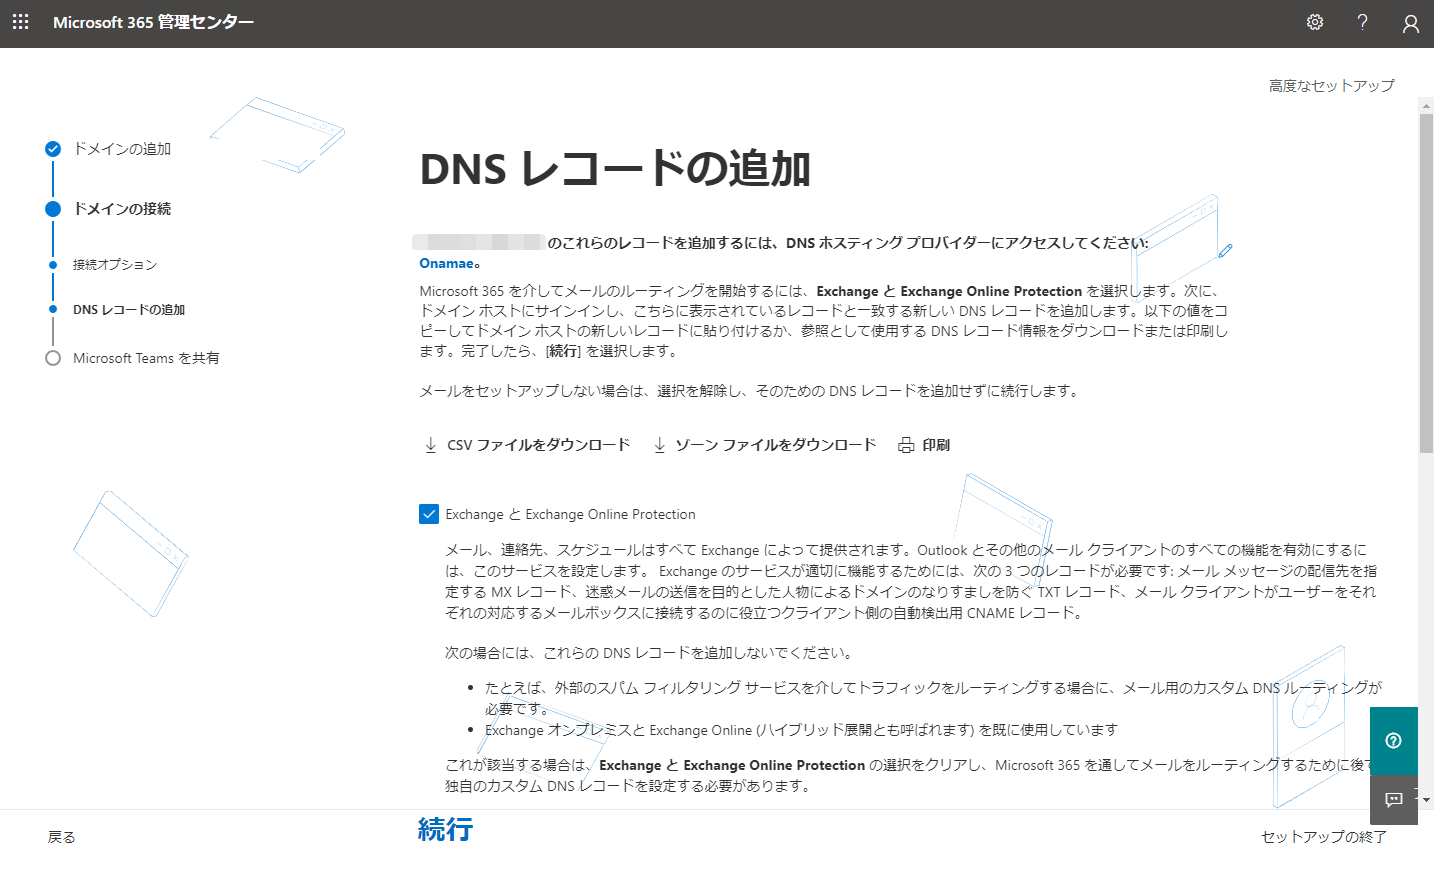 DNSレコードの追加画面